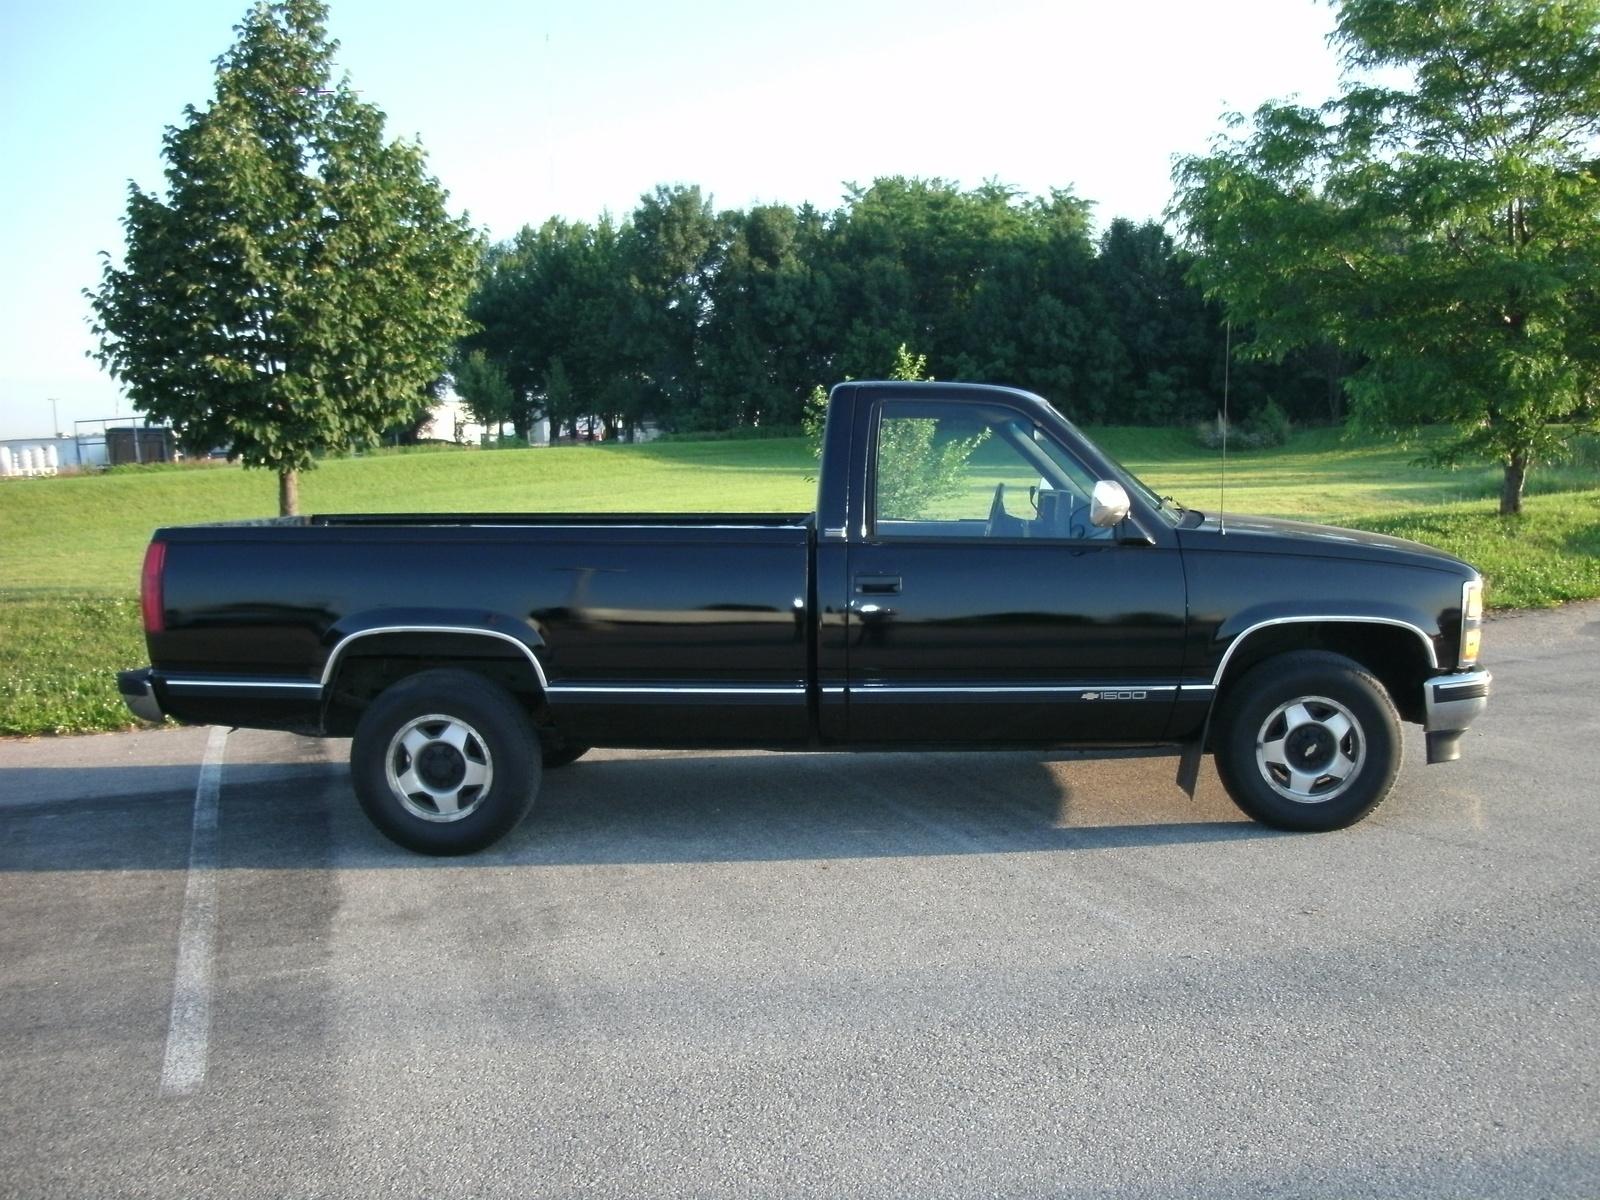 chevy trucks 1990s - photo #40